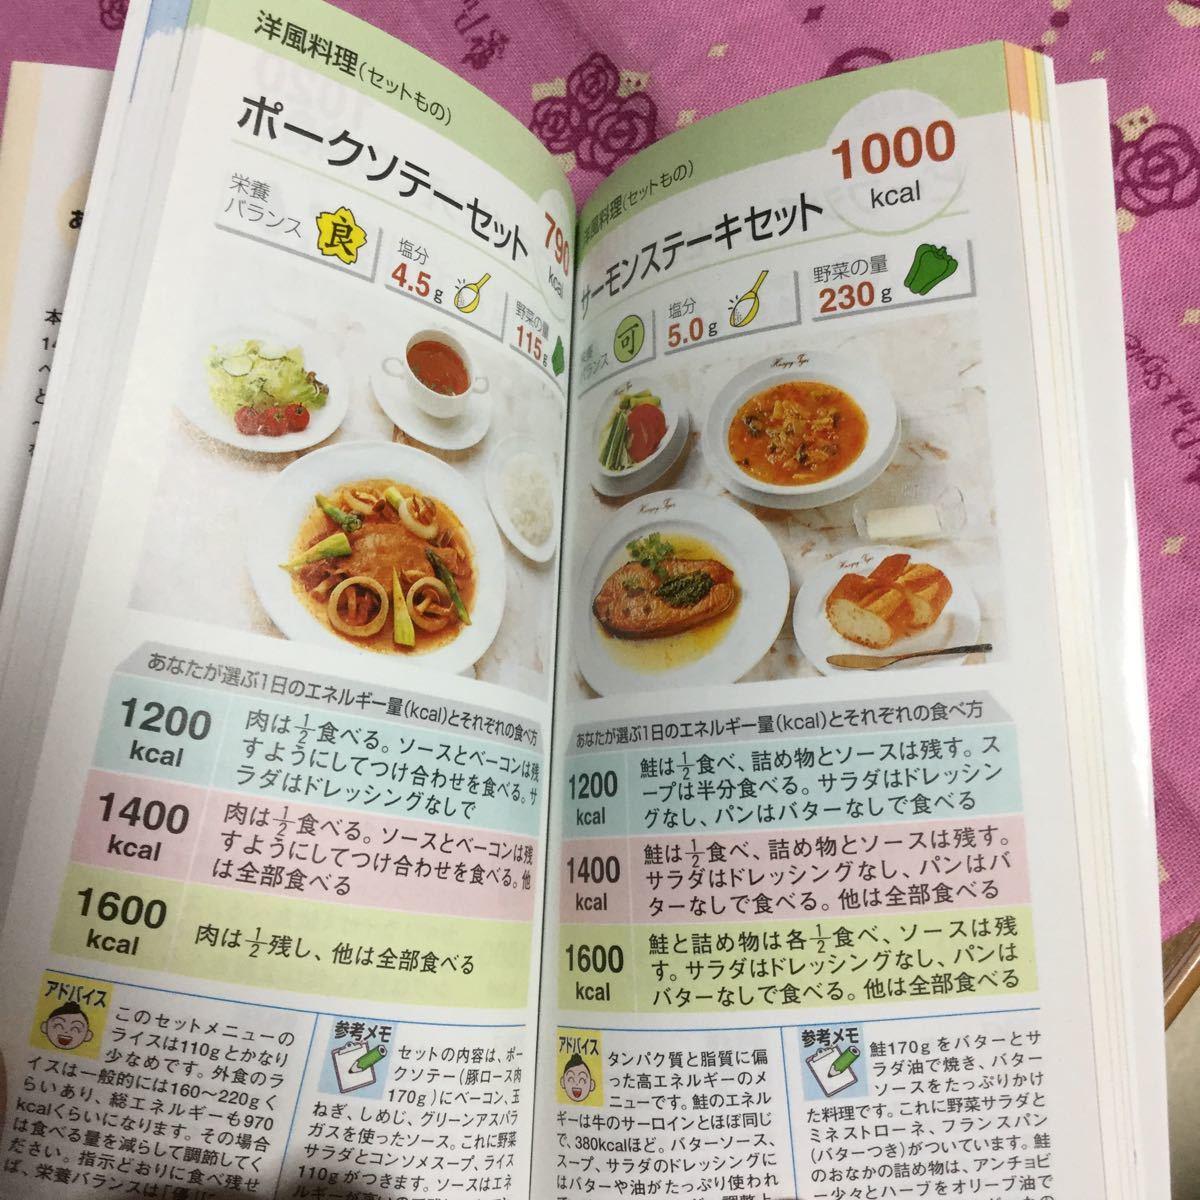 ダイエットのための外食カロリーブック